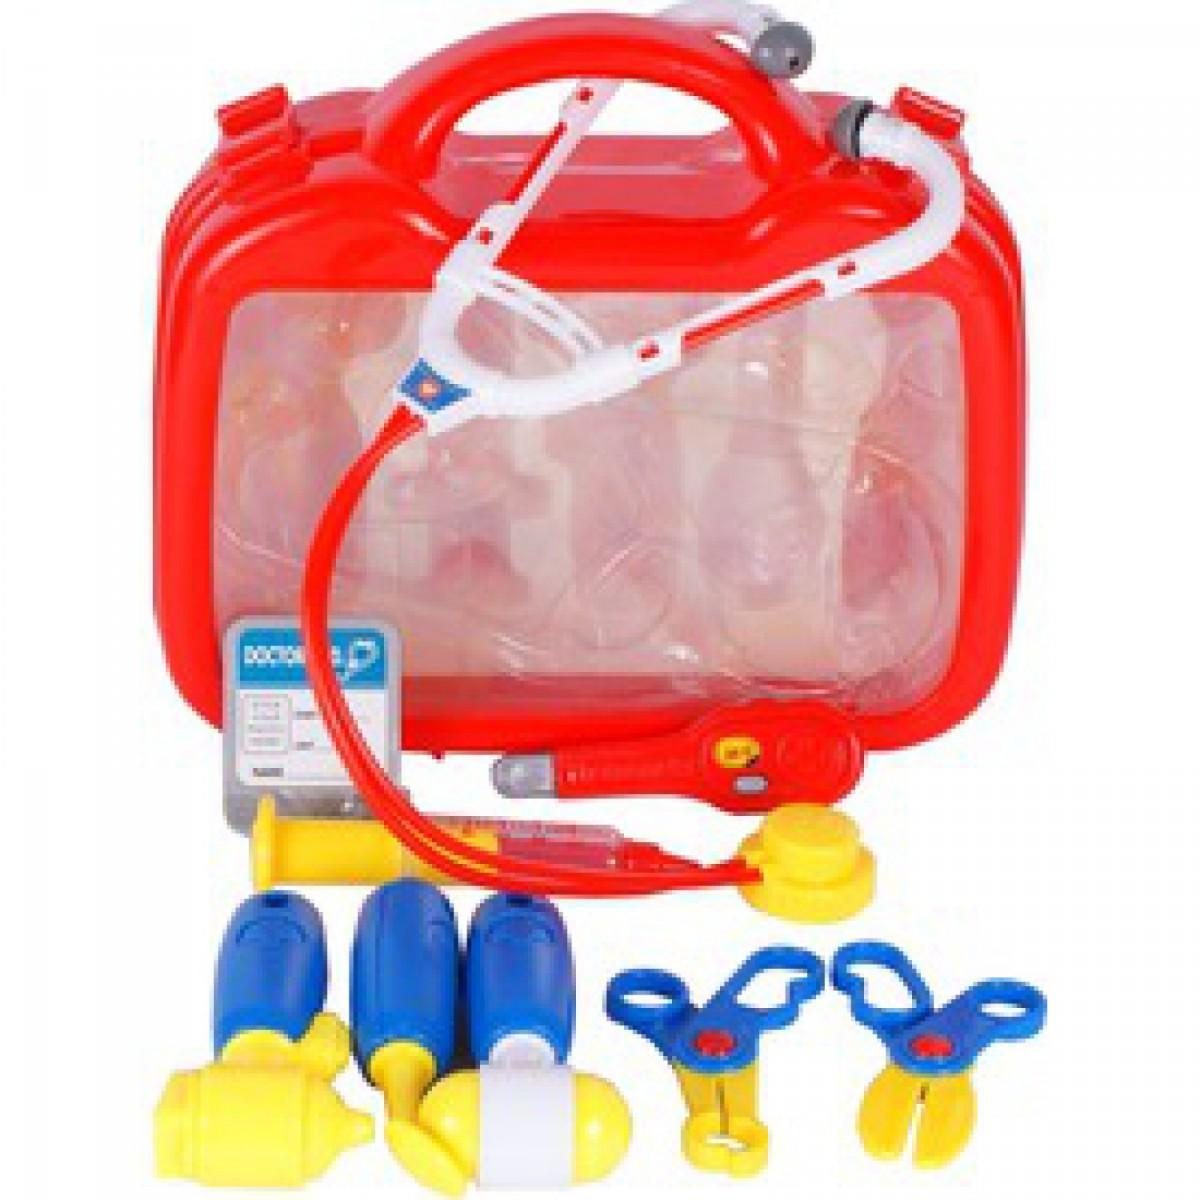 Játék orvosi táska - Játék  c01940dda3